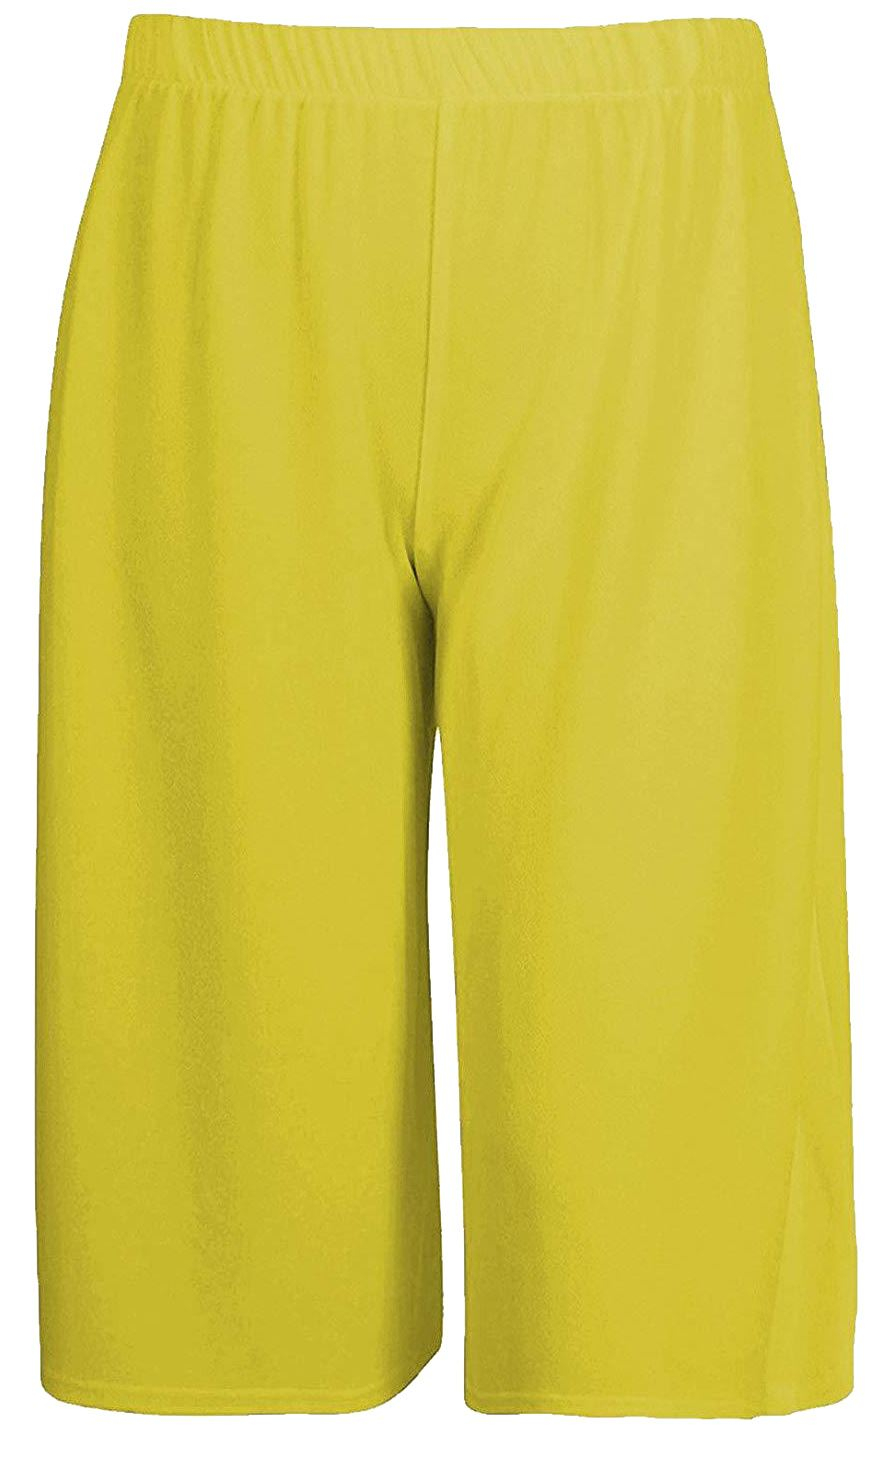 Détails sur Nouvelle Femme Uni 34 Longueur Court Pantalon Décontracté Jambe Large Culottes Pantalons 8 26 afficher le titre d'origine